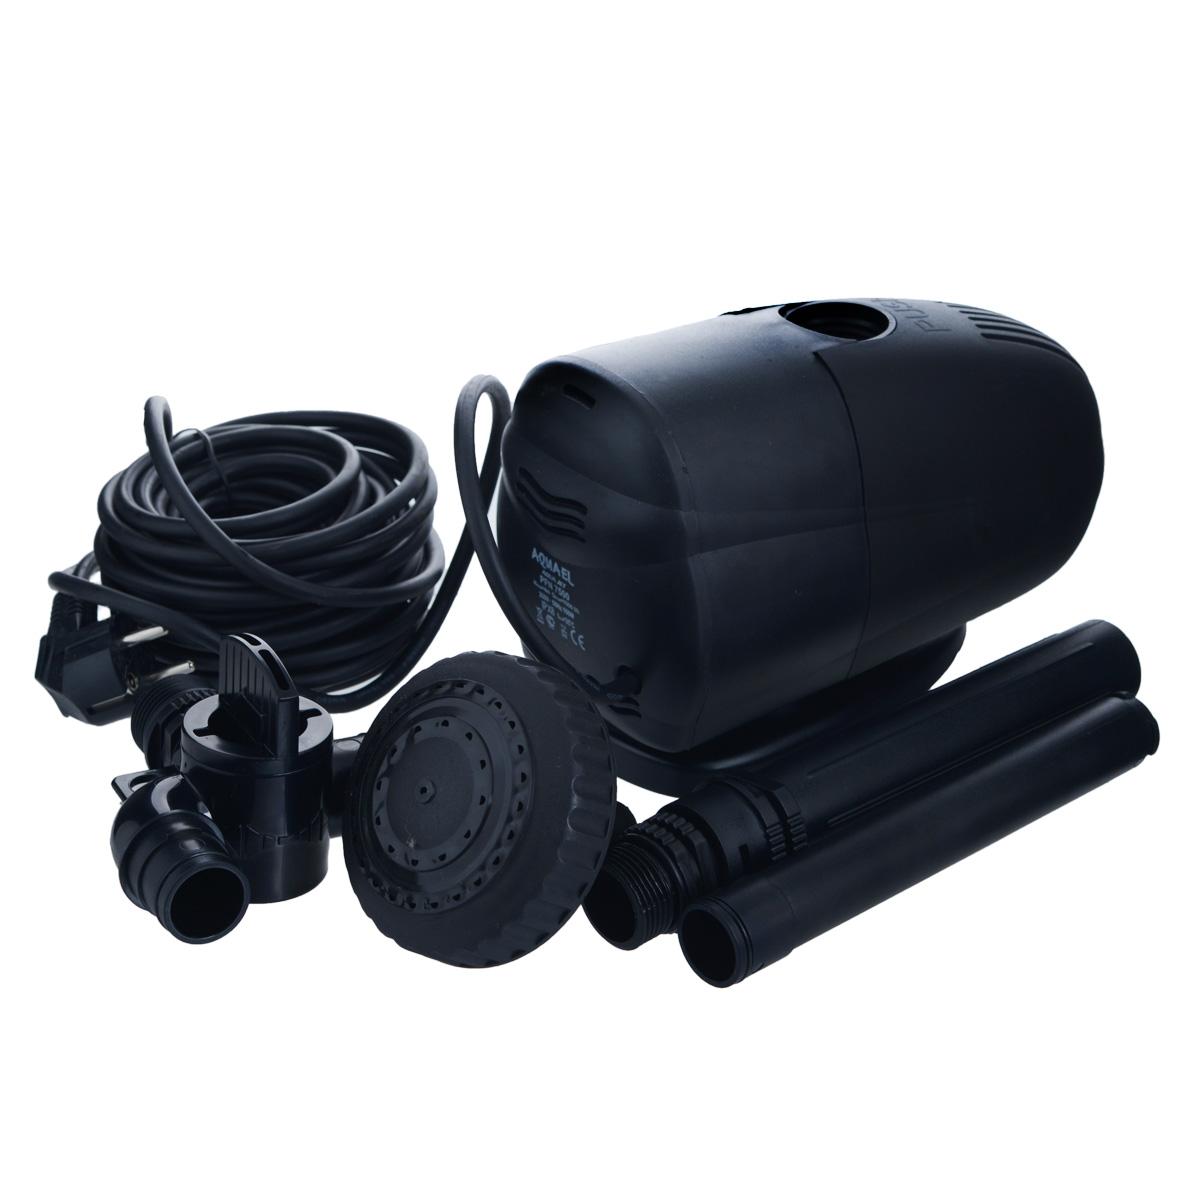 Насос фонтанный Aquael. PFN-7500 набор насадок для фонтана aquael 3 шт